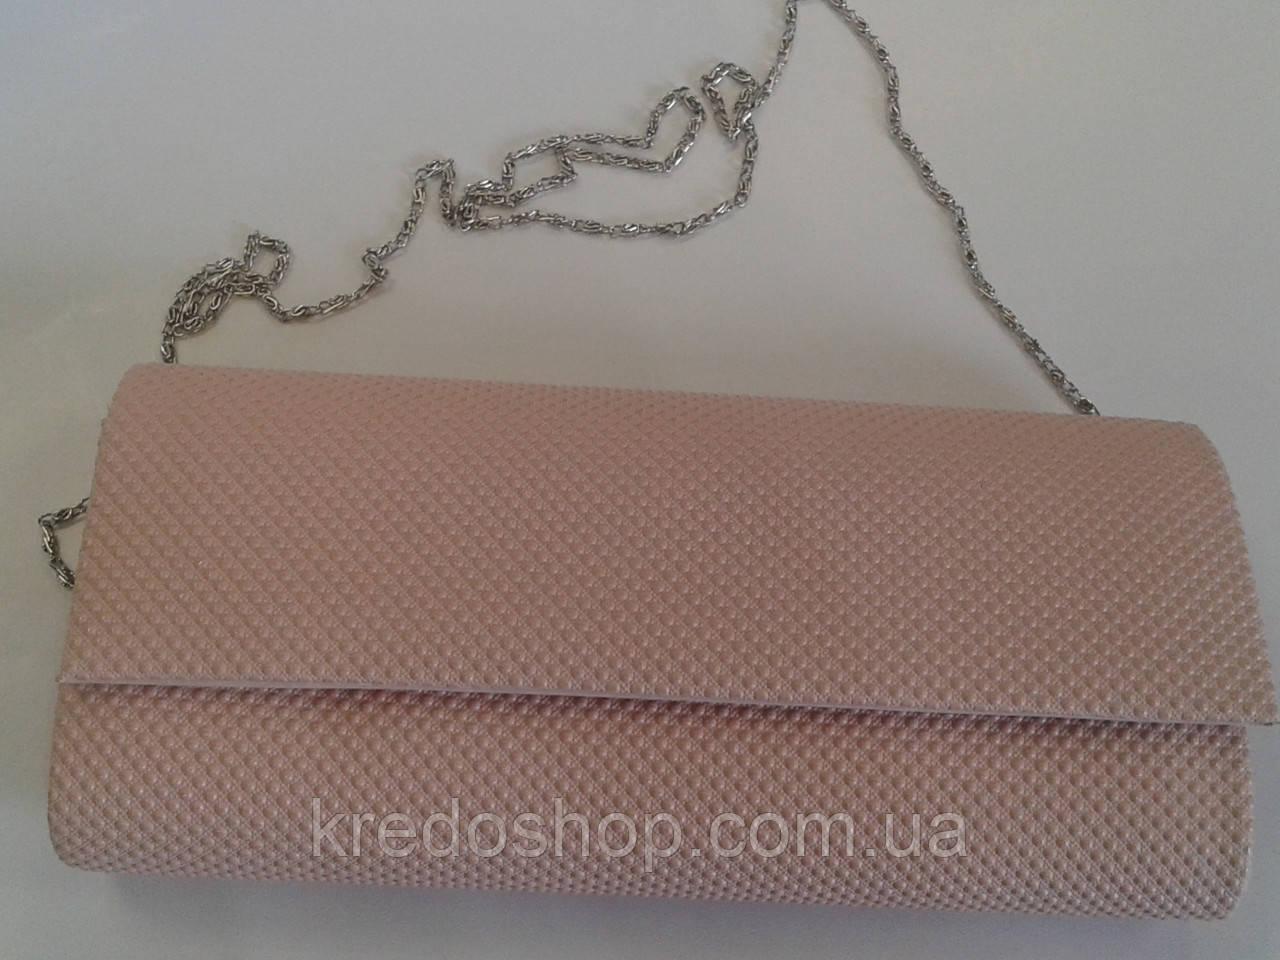 e04175759f0f Клатч женский вечерний цвета пудры.(Турция) - Интернет-магазин сумок и  аксессуаров